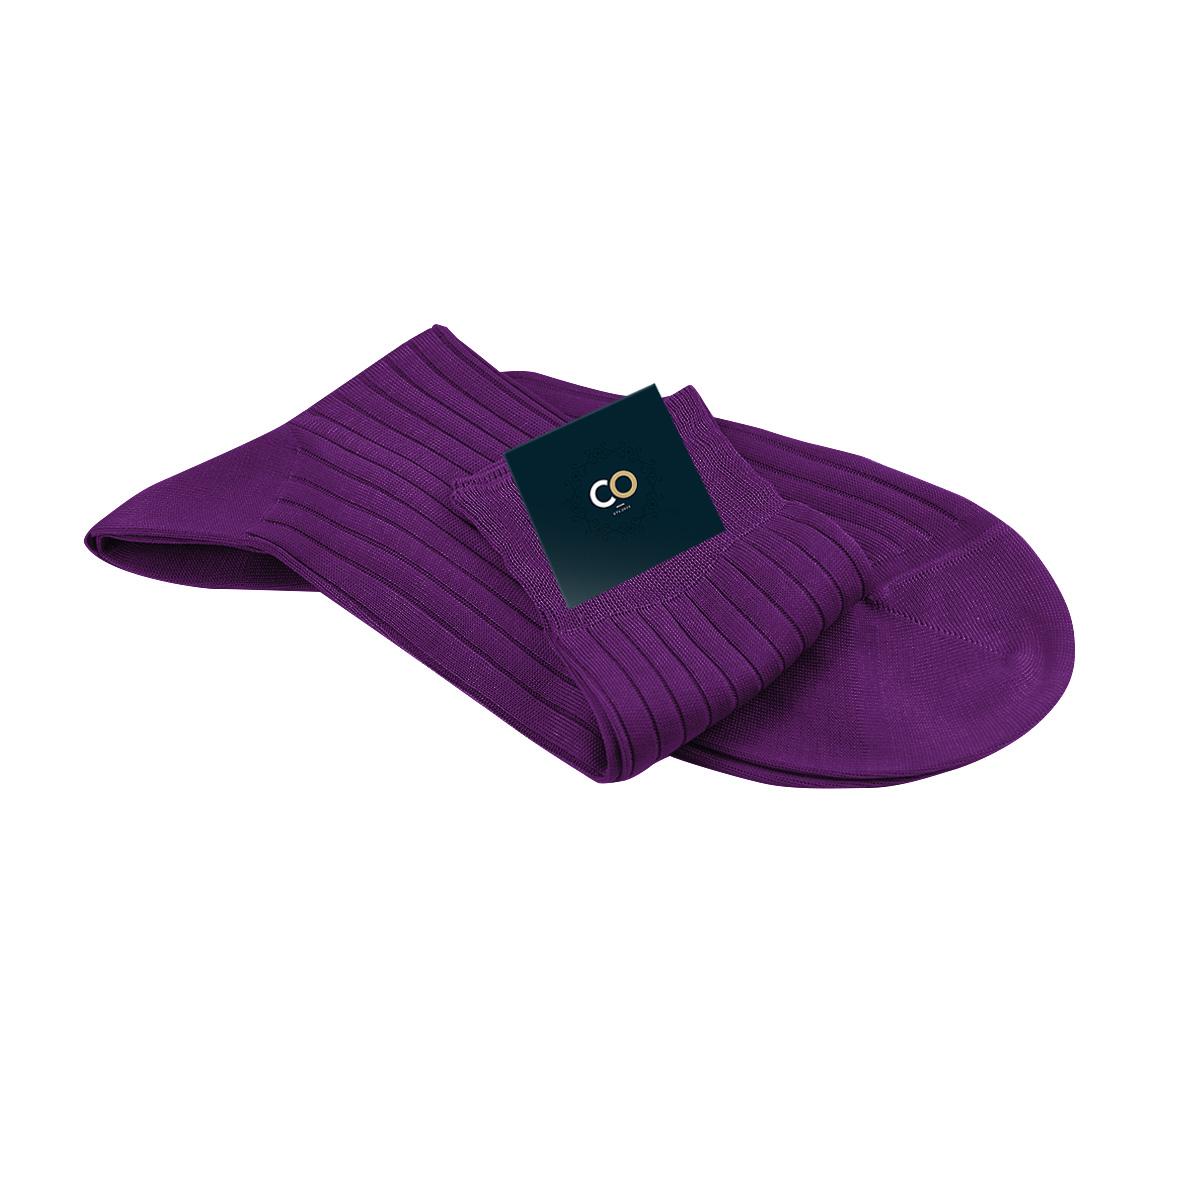 Virgile, Hyper violet